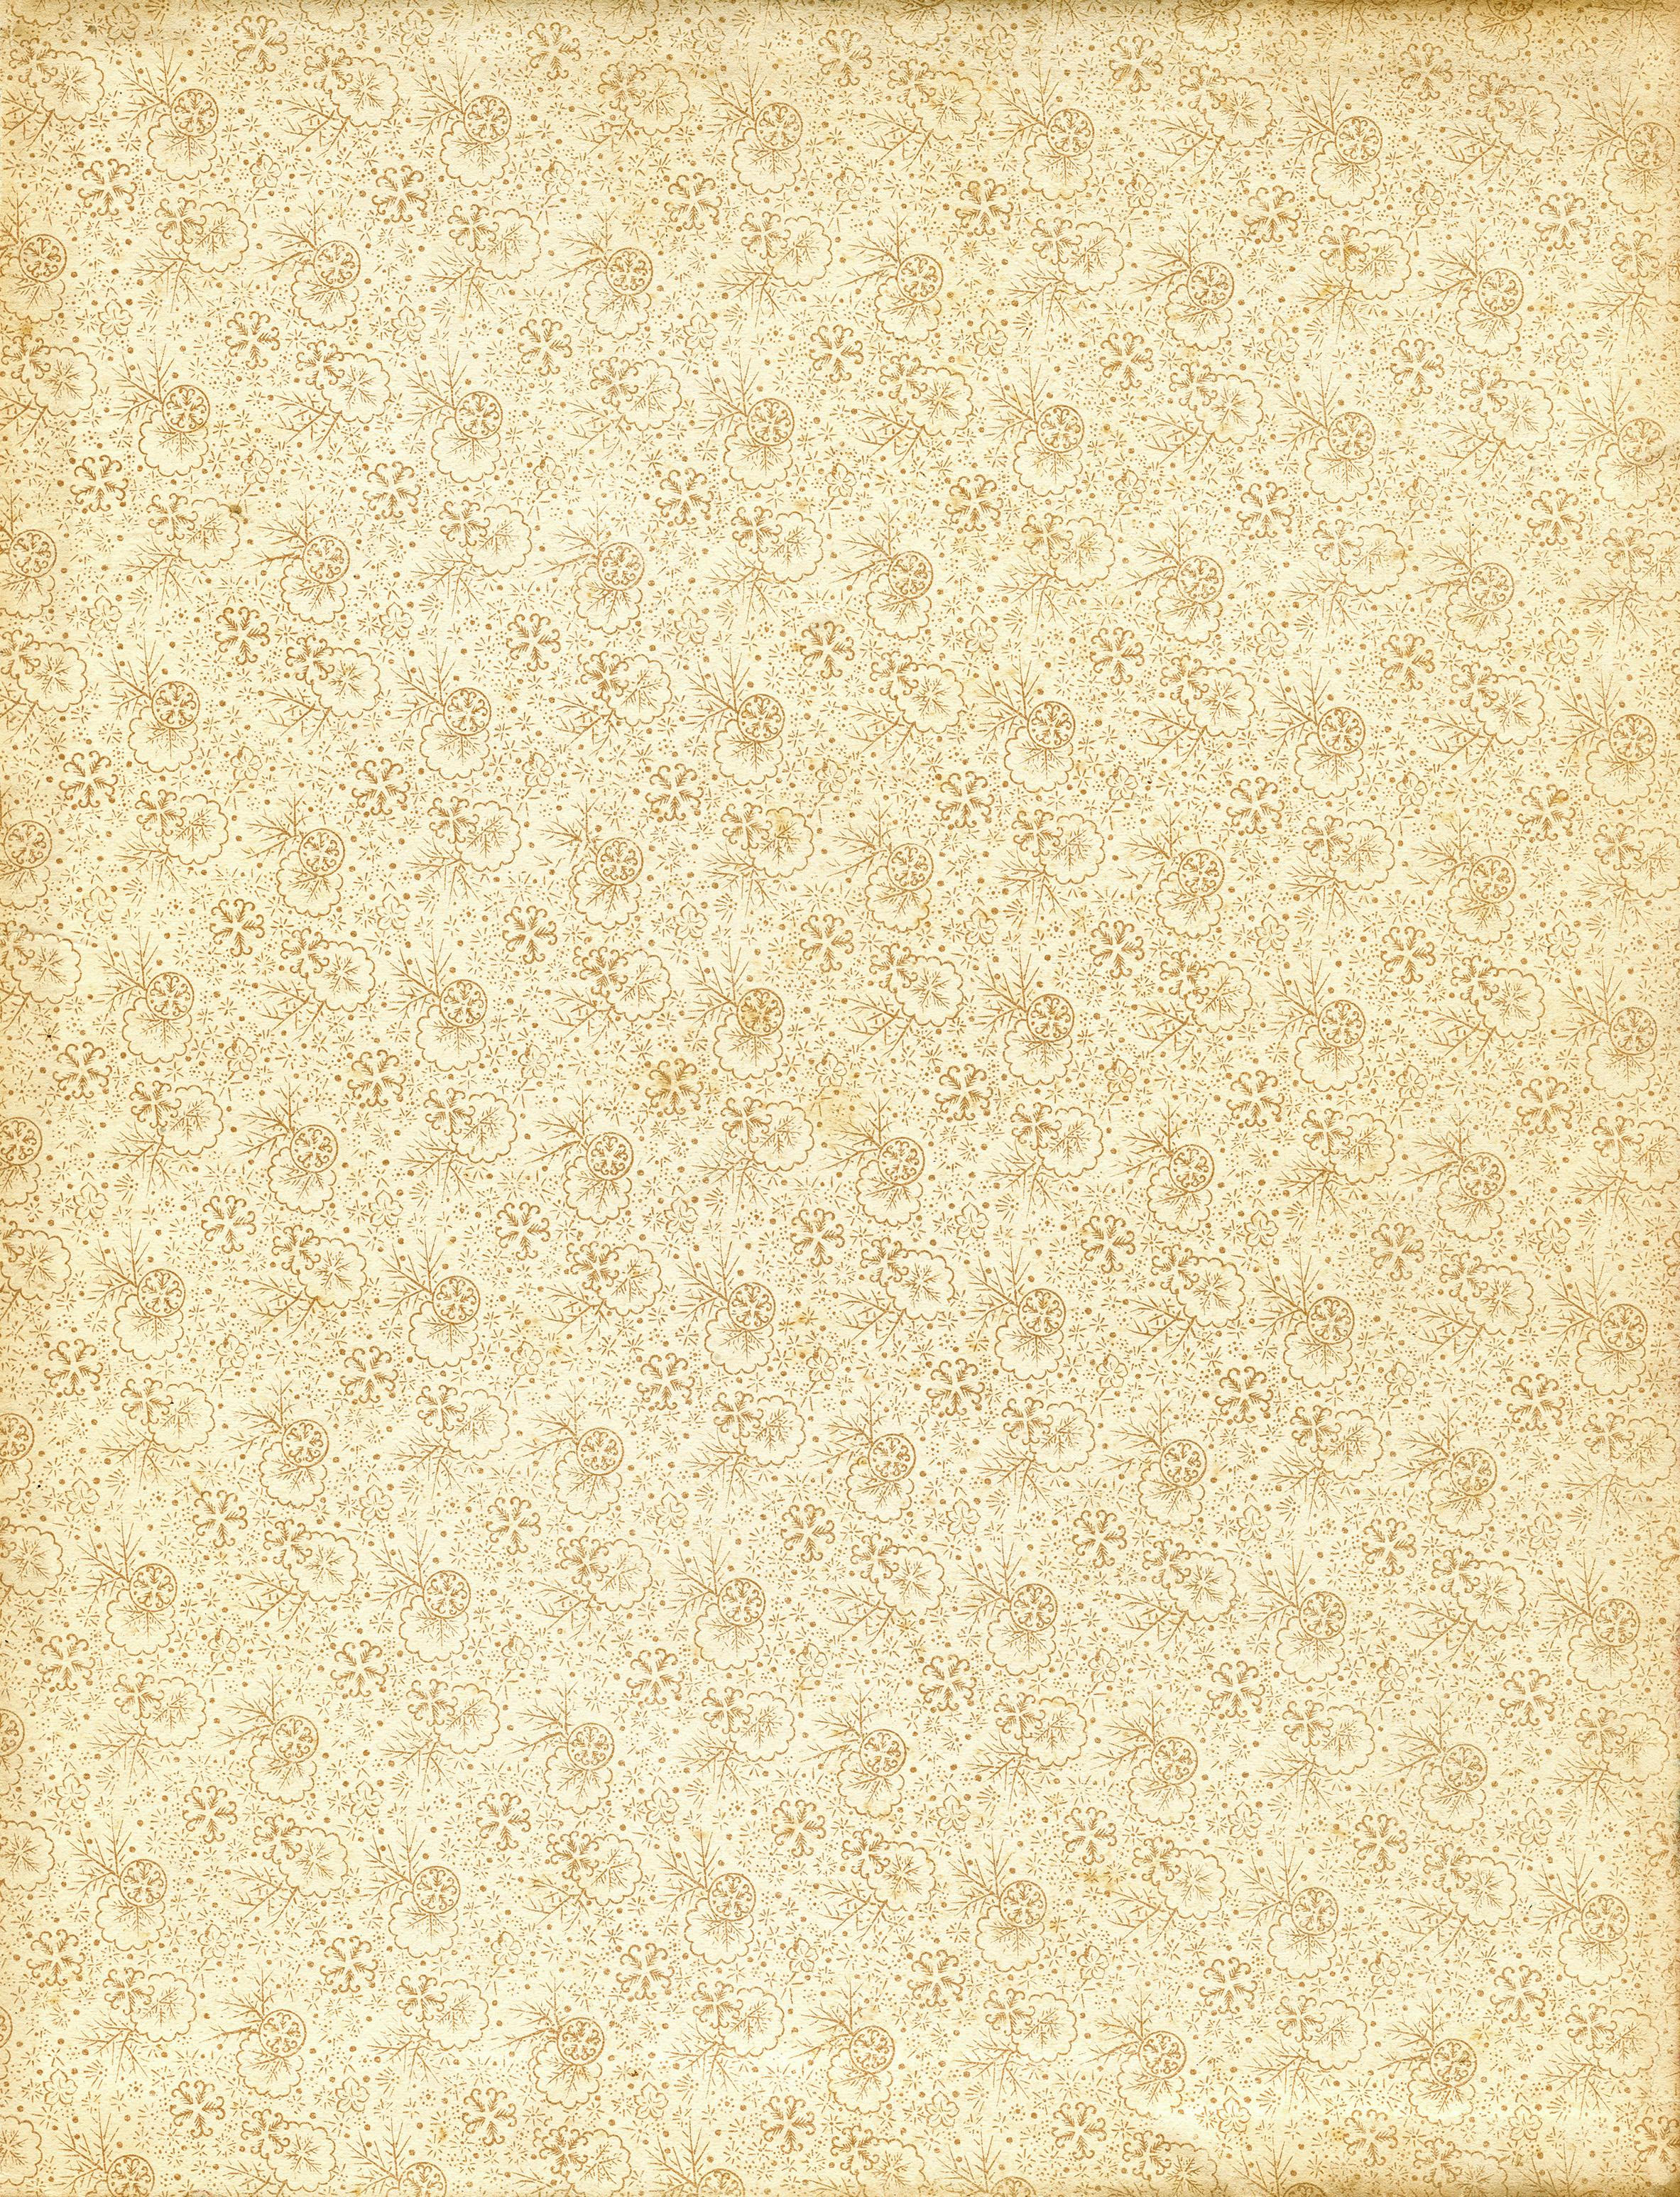 vintage floral patterened endpaper